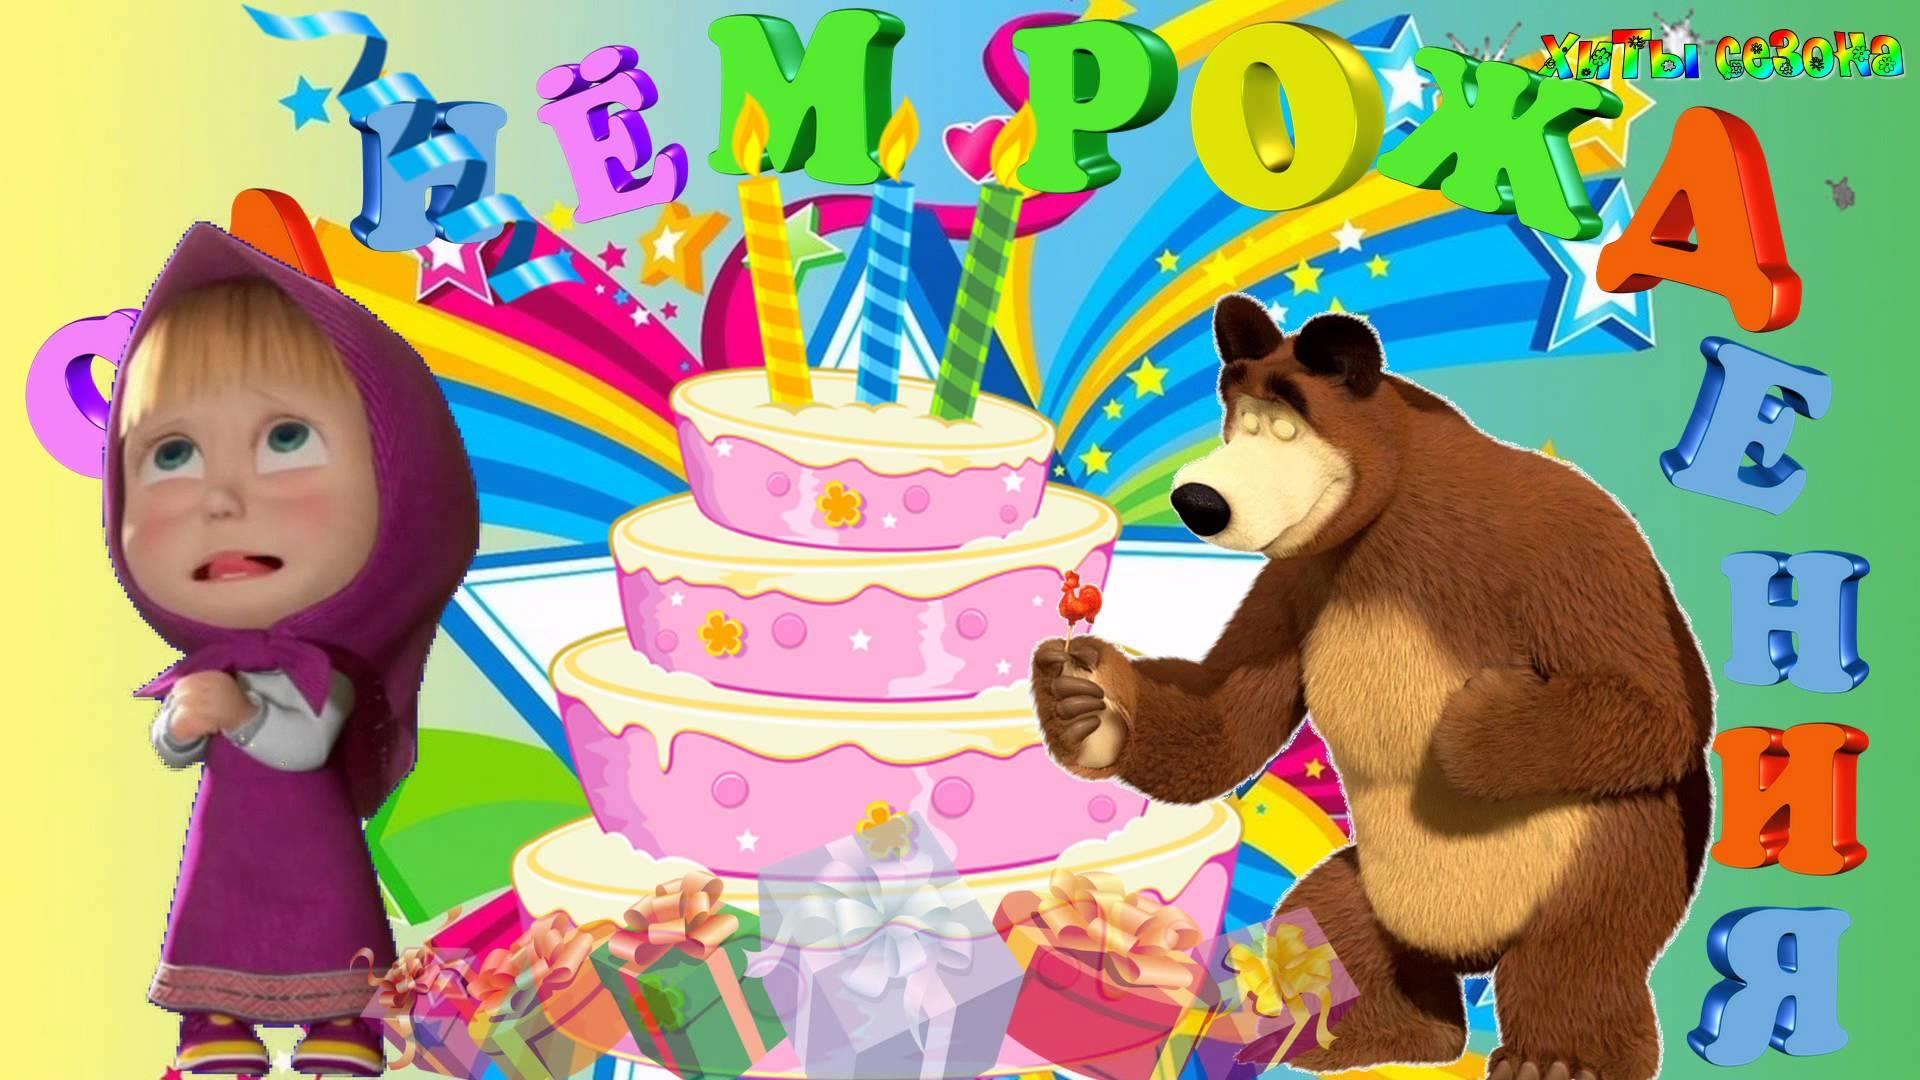 Видео поздравление с открытками маша и медведь